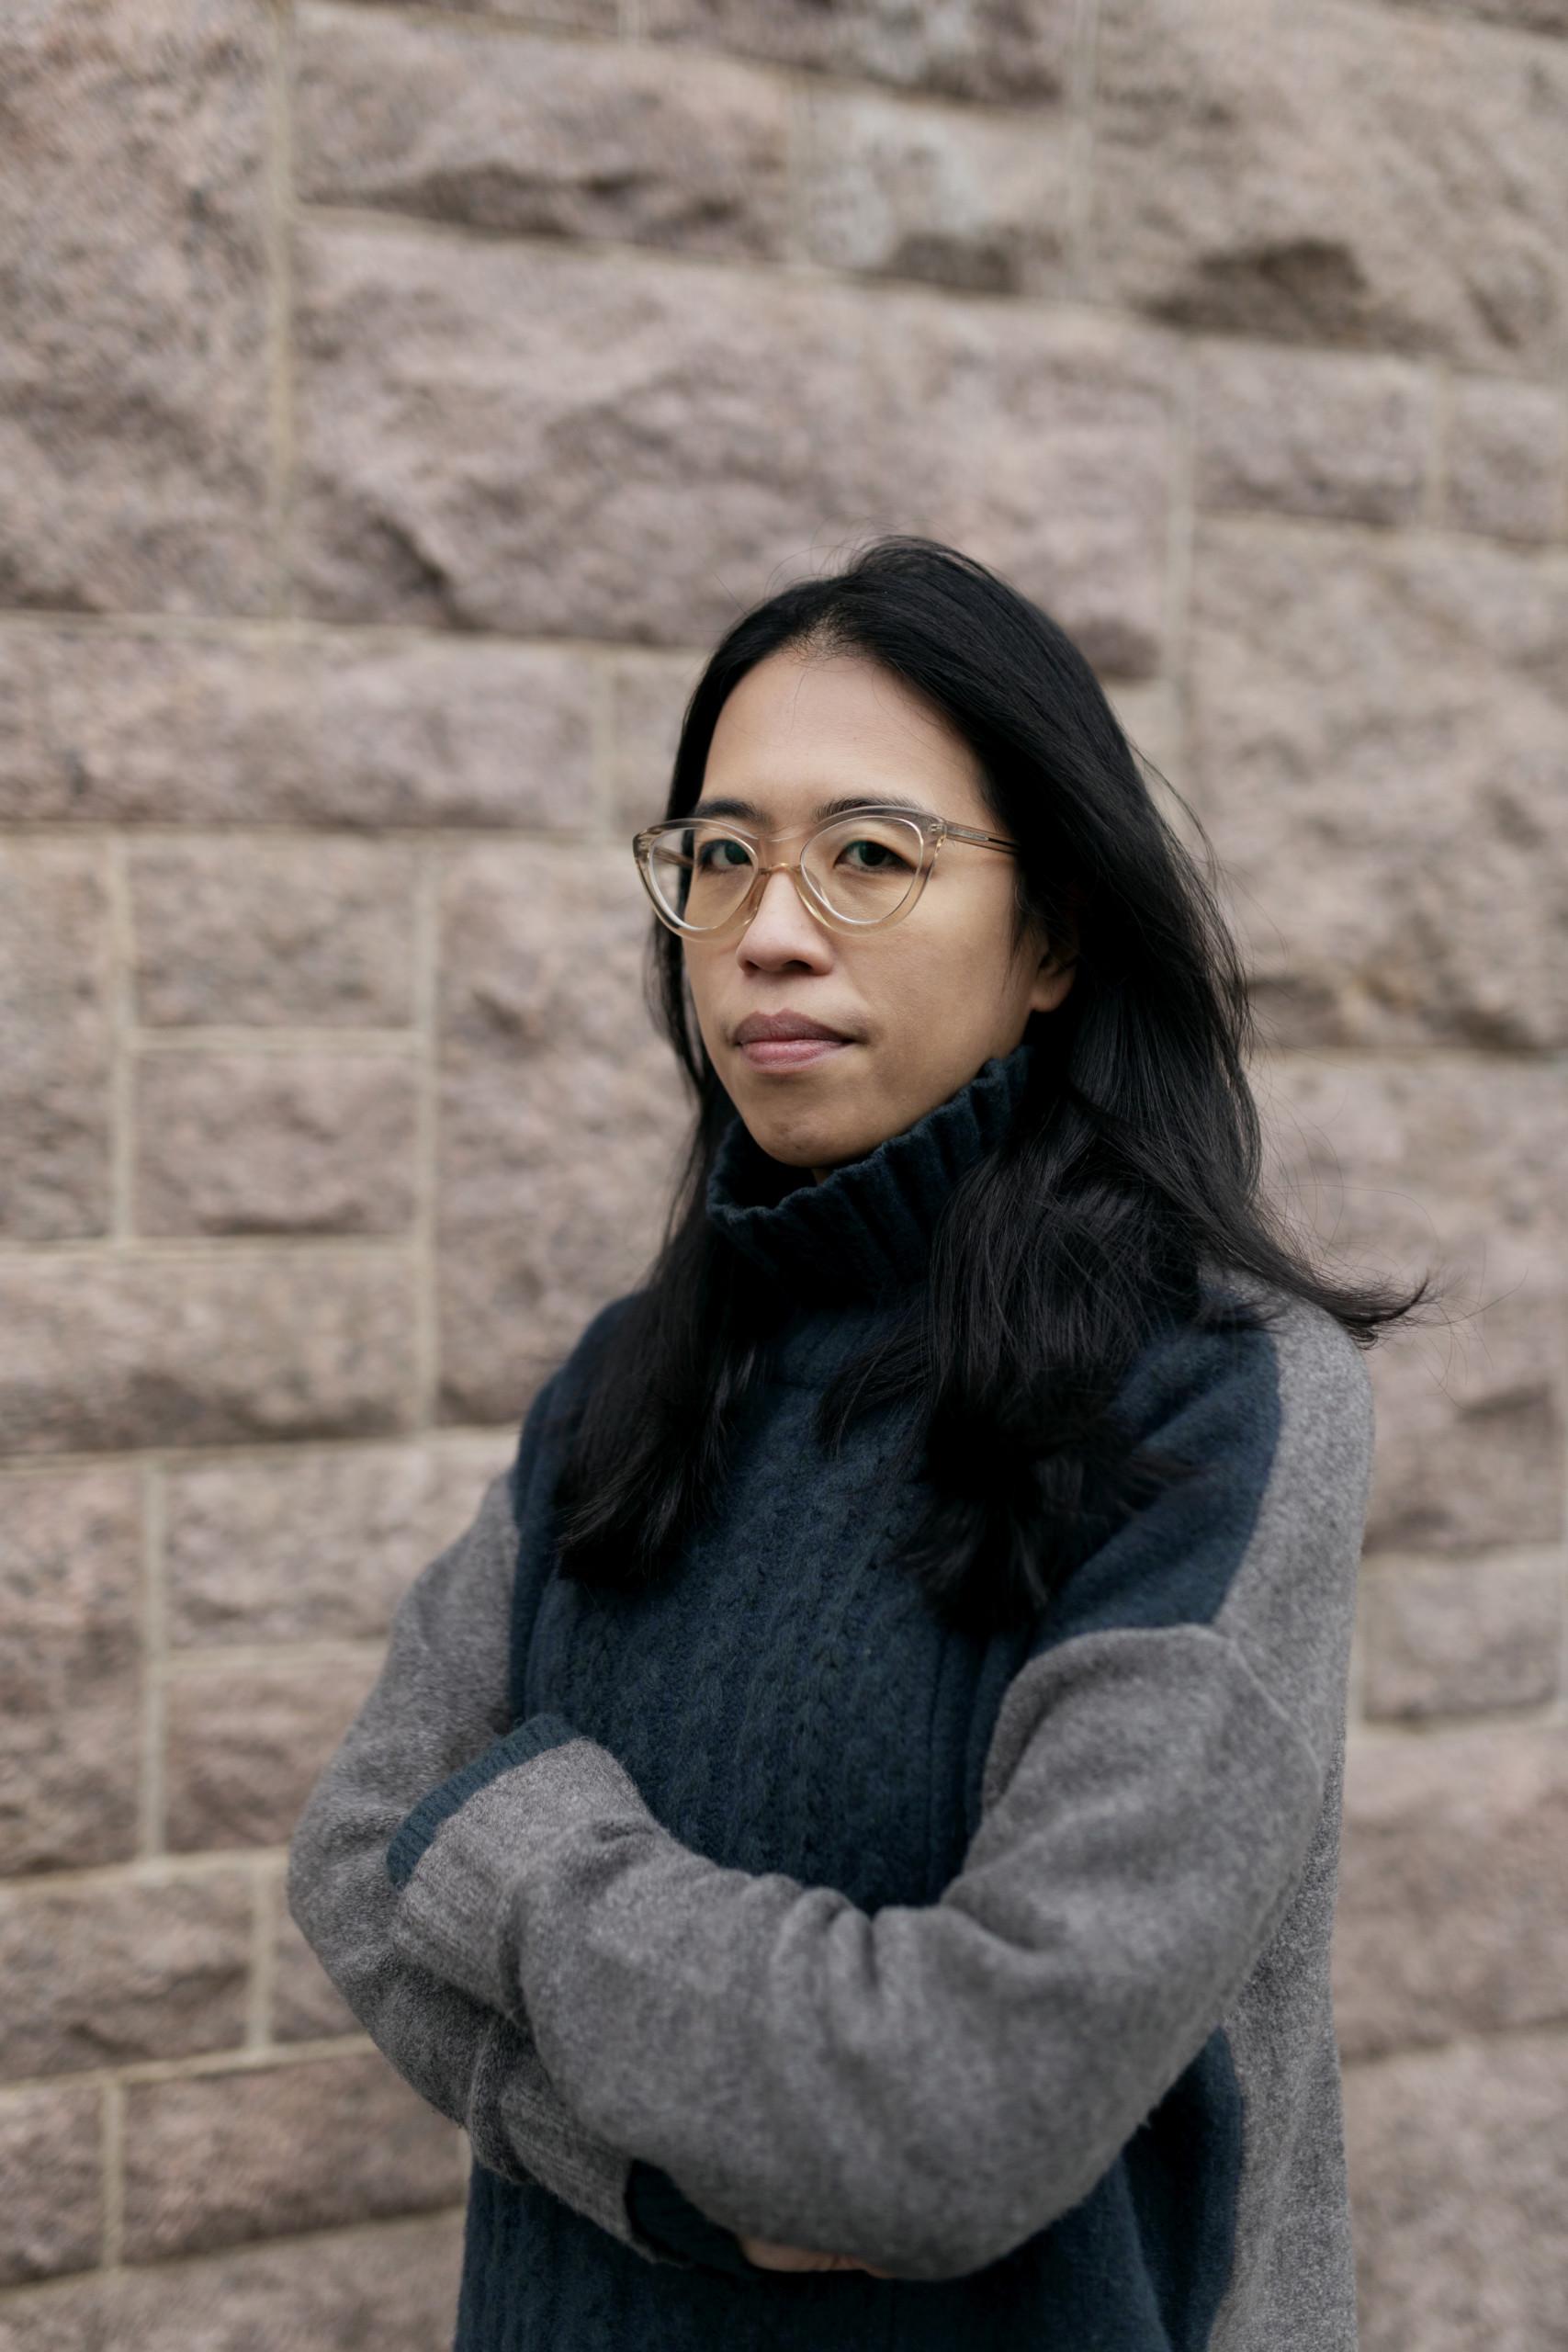 Christina Li katsoo kohti kameraa hymyillen.